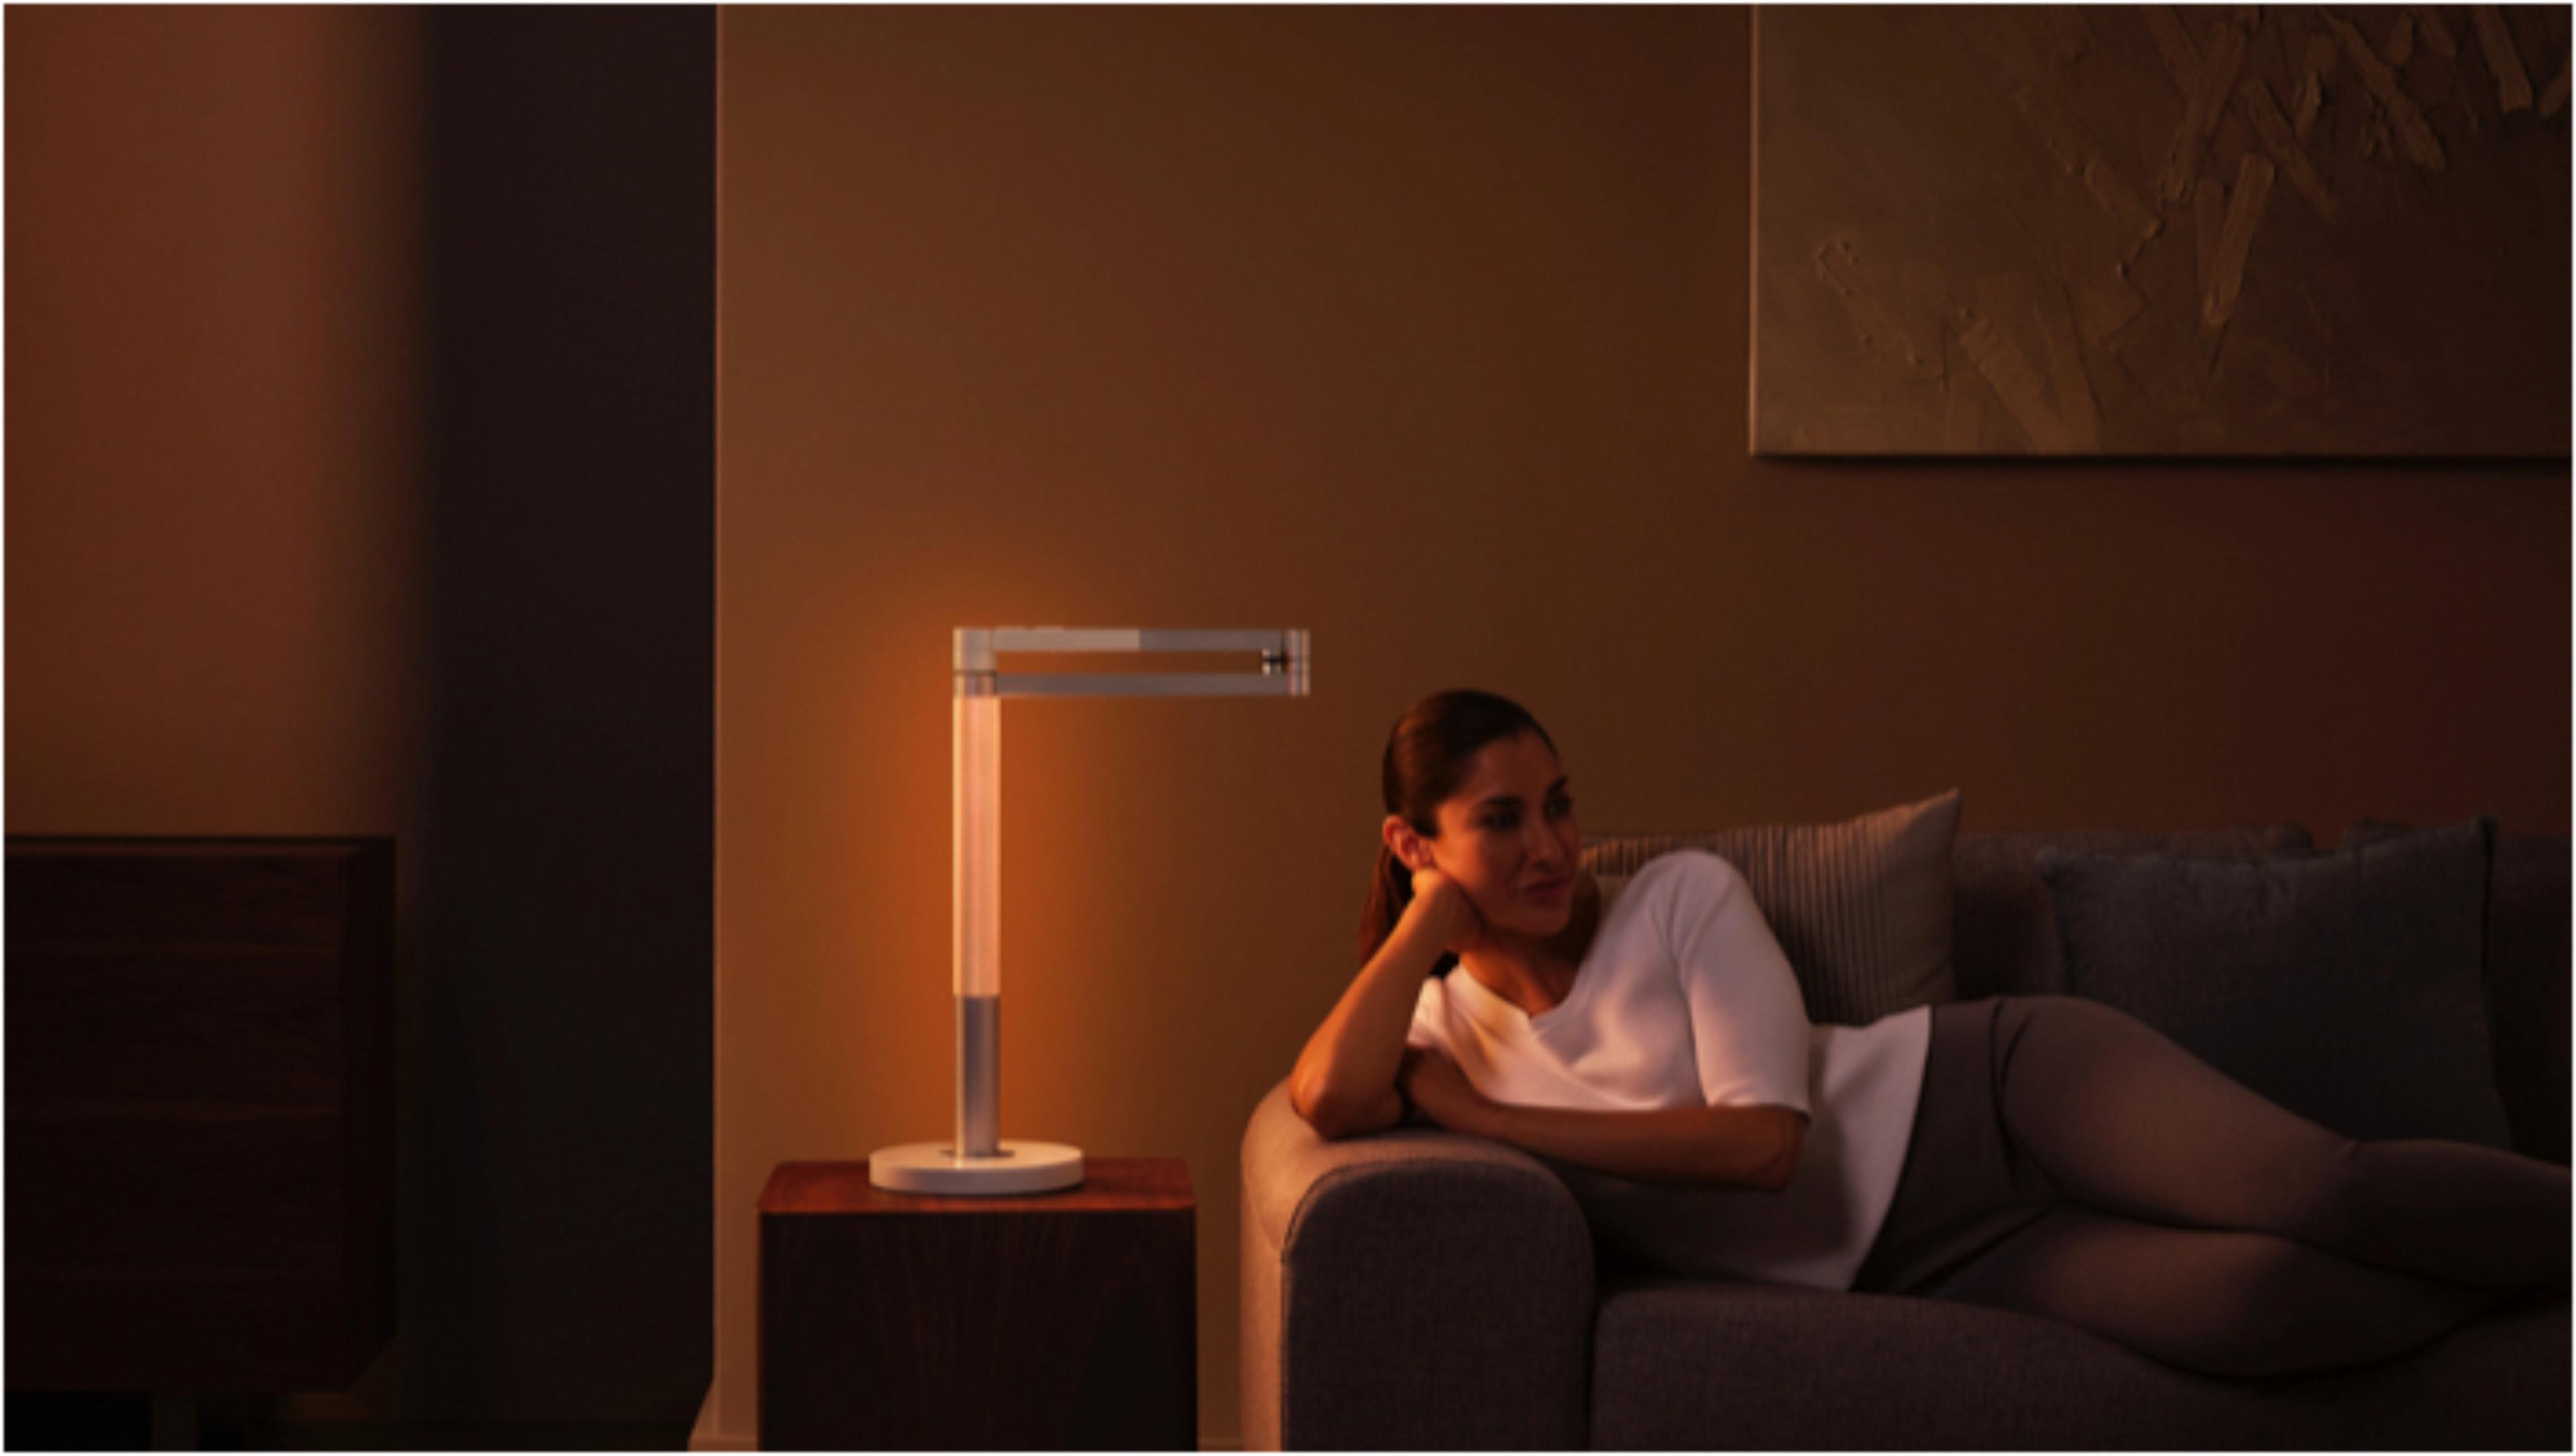 在Dyson Lightcycle Morph燈具環境光狀態下,有一位在美麗的橙色光芒中放鬆自若的女士